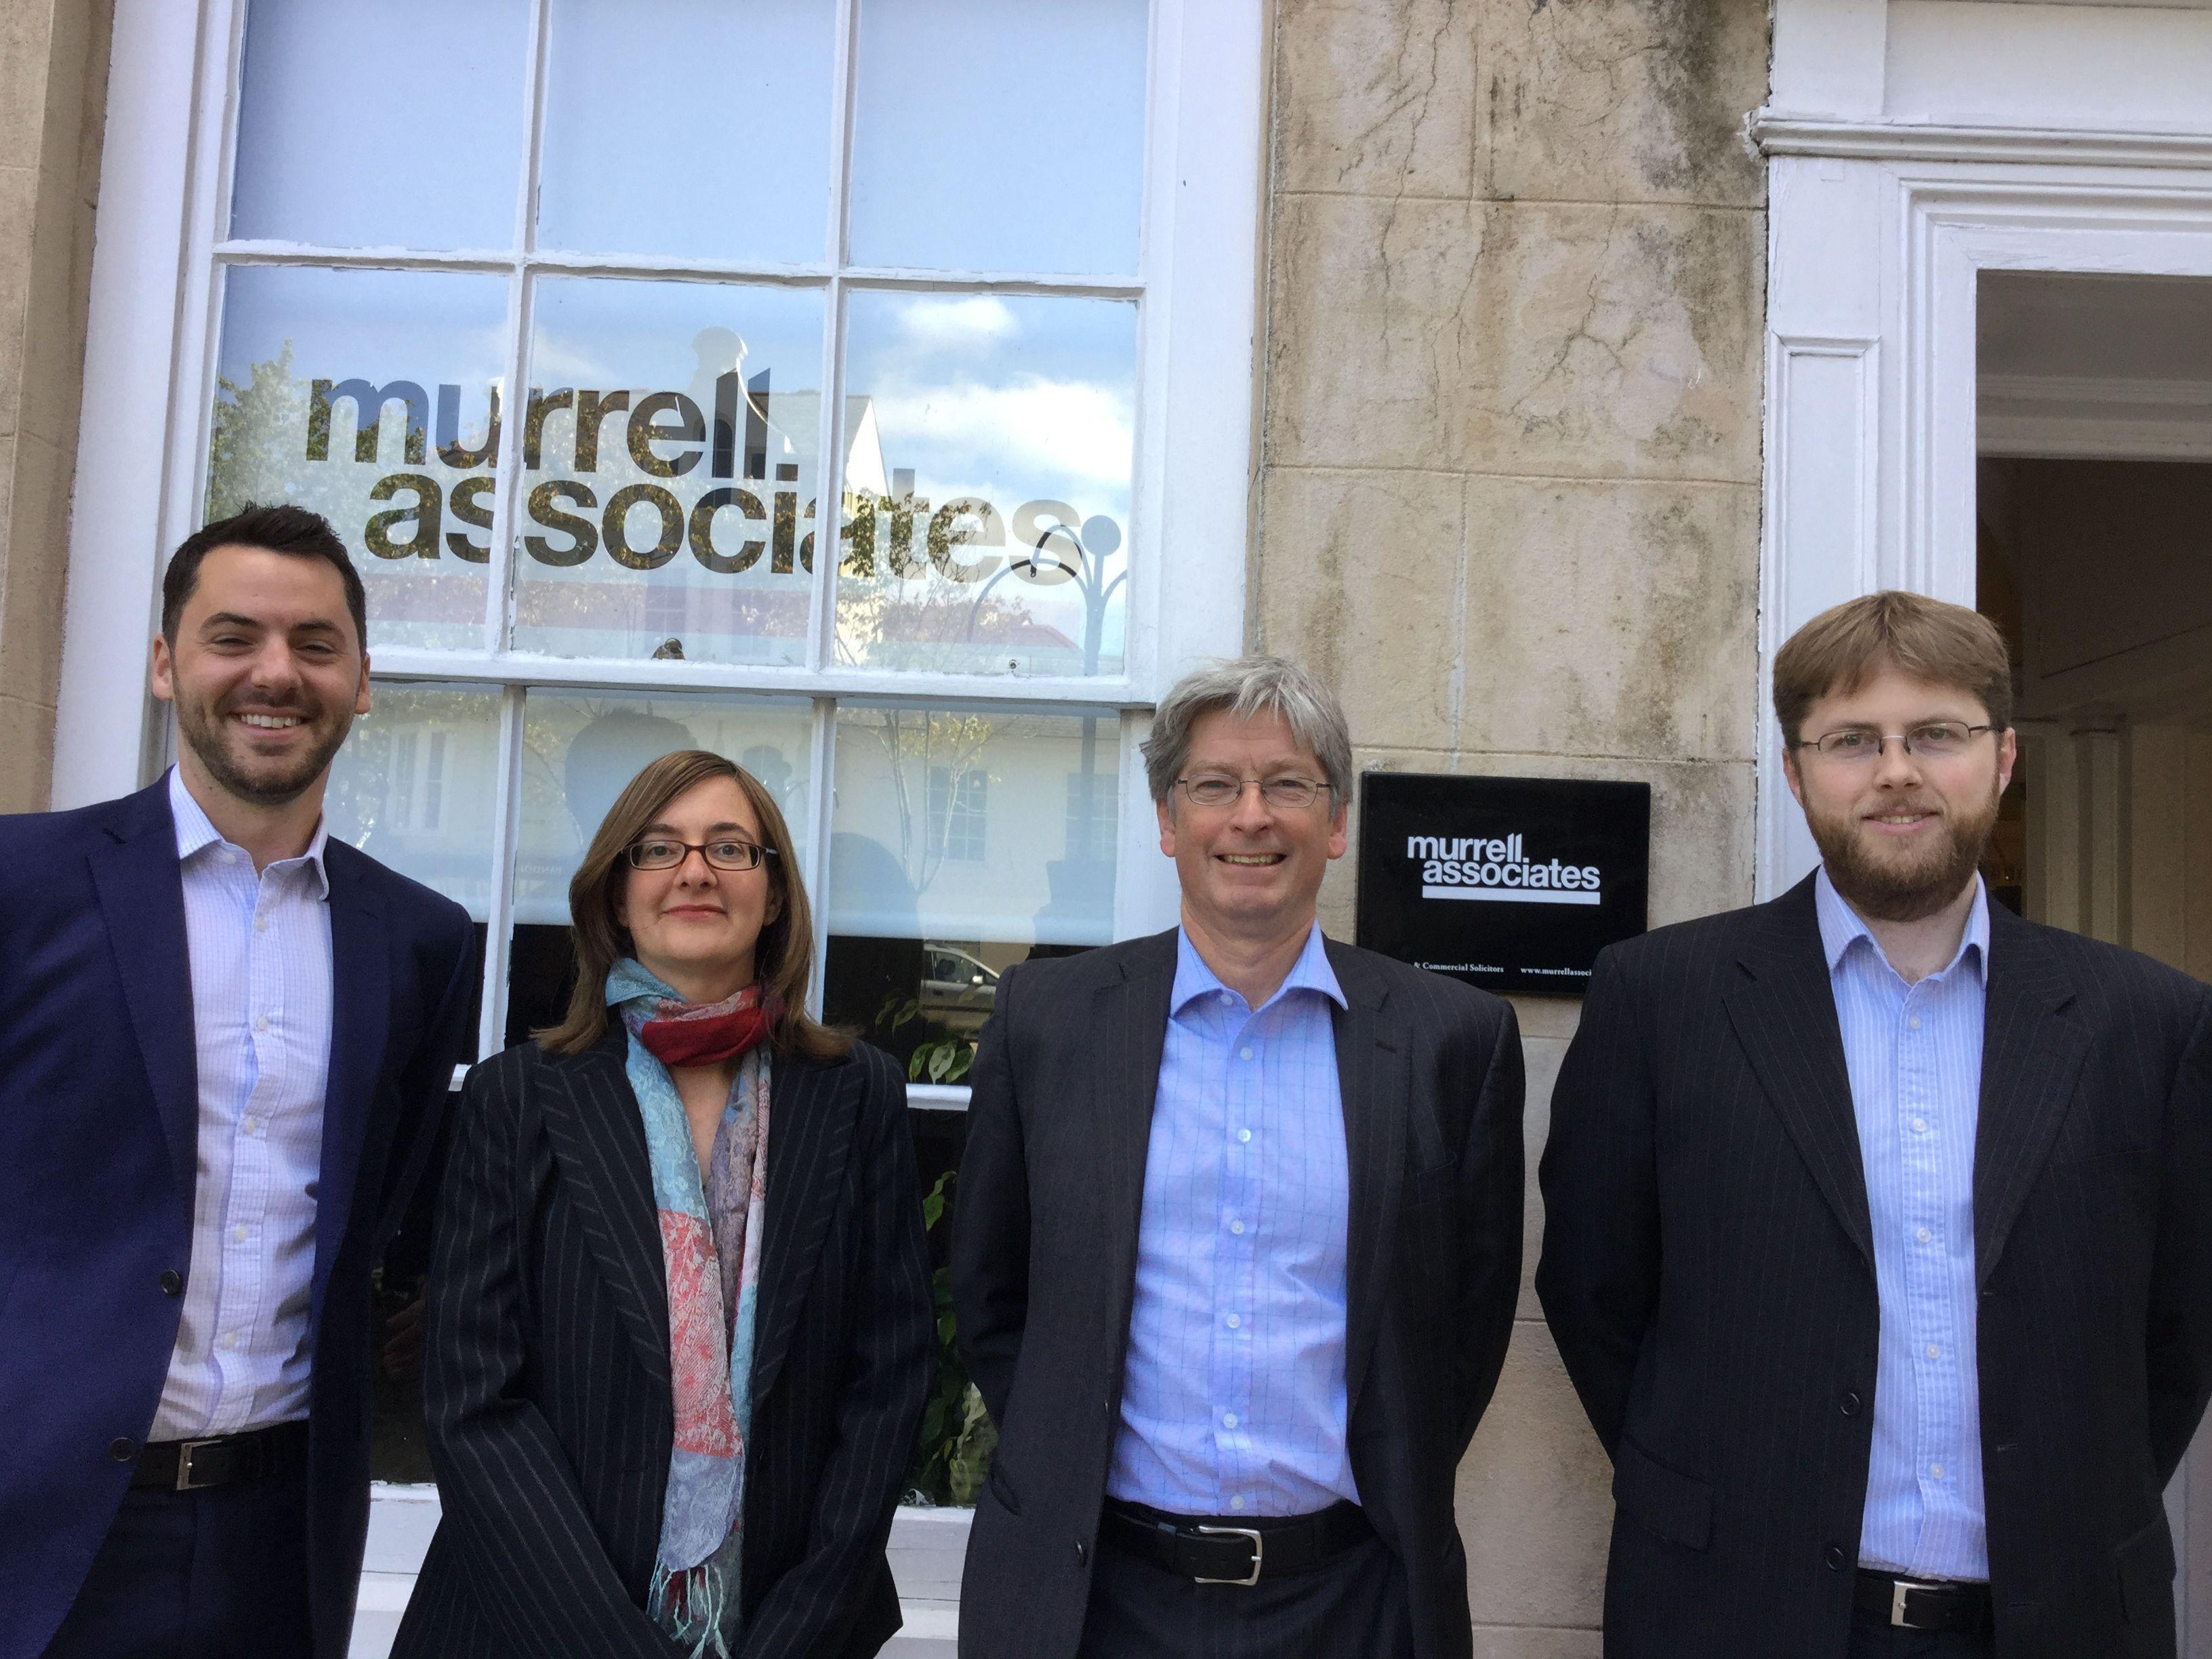 L-R: Matt Kendall, Jenny Harbord, Hugh Murrell and Chris Will